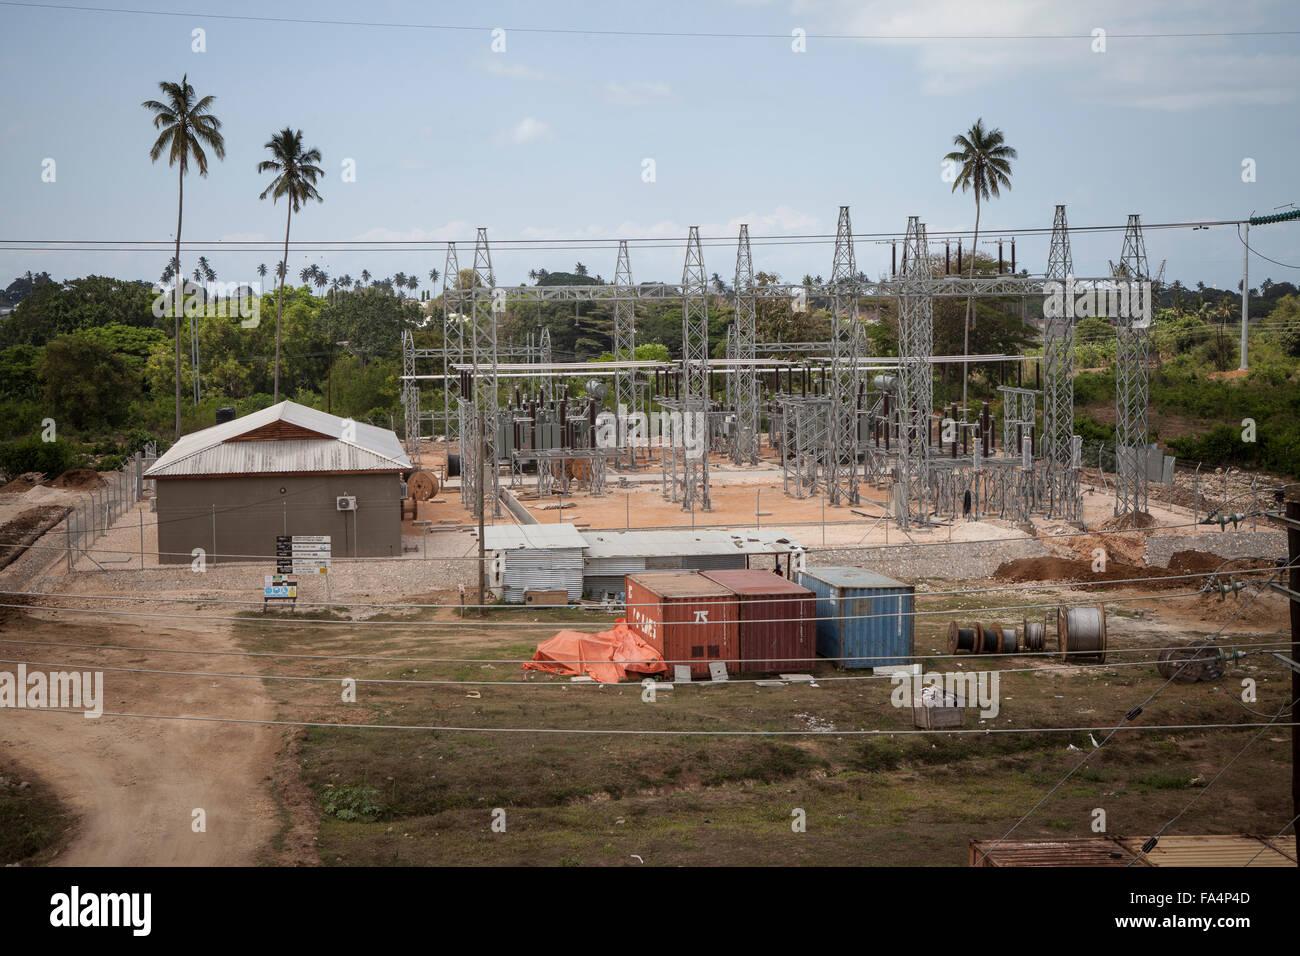 Elektrische Infrastruktur bei Mtoni Service Station in Sansibar, Tansania, Ostafrika. Stockbild